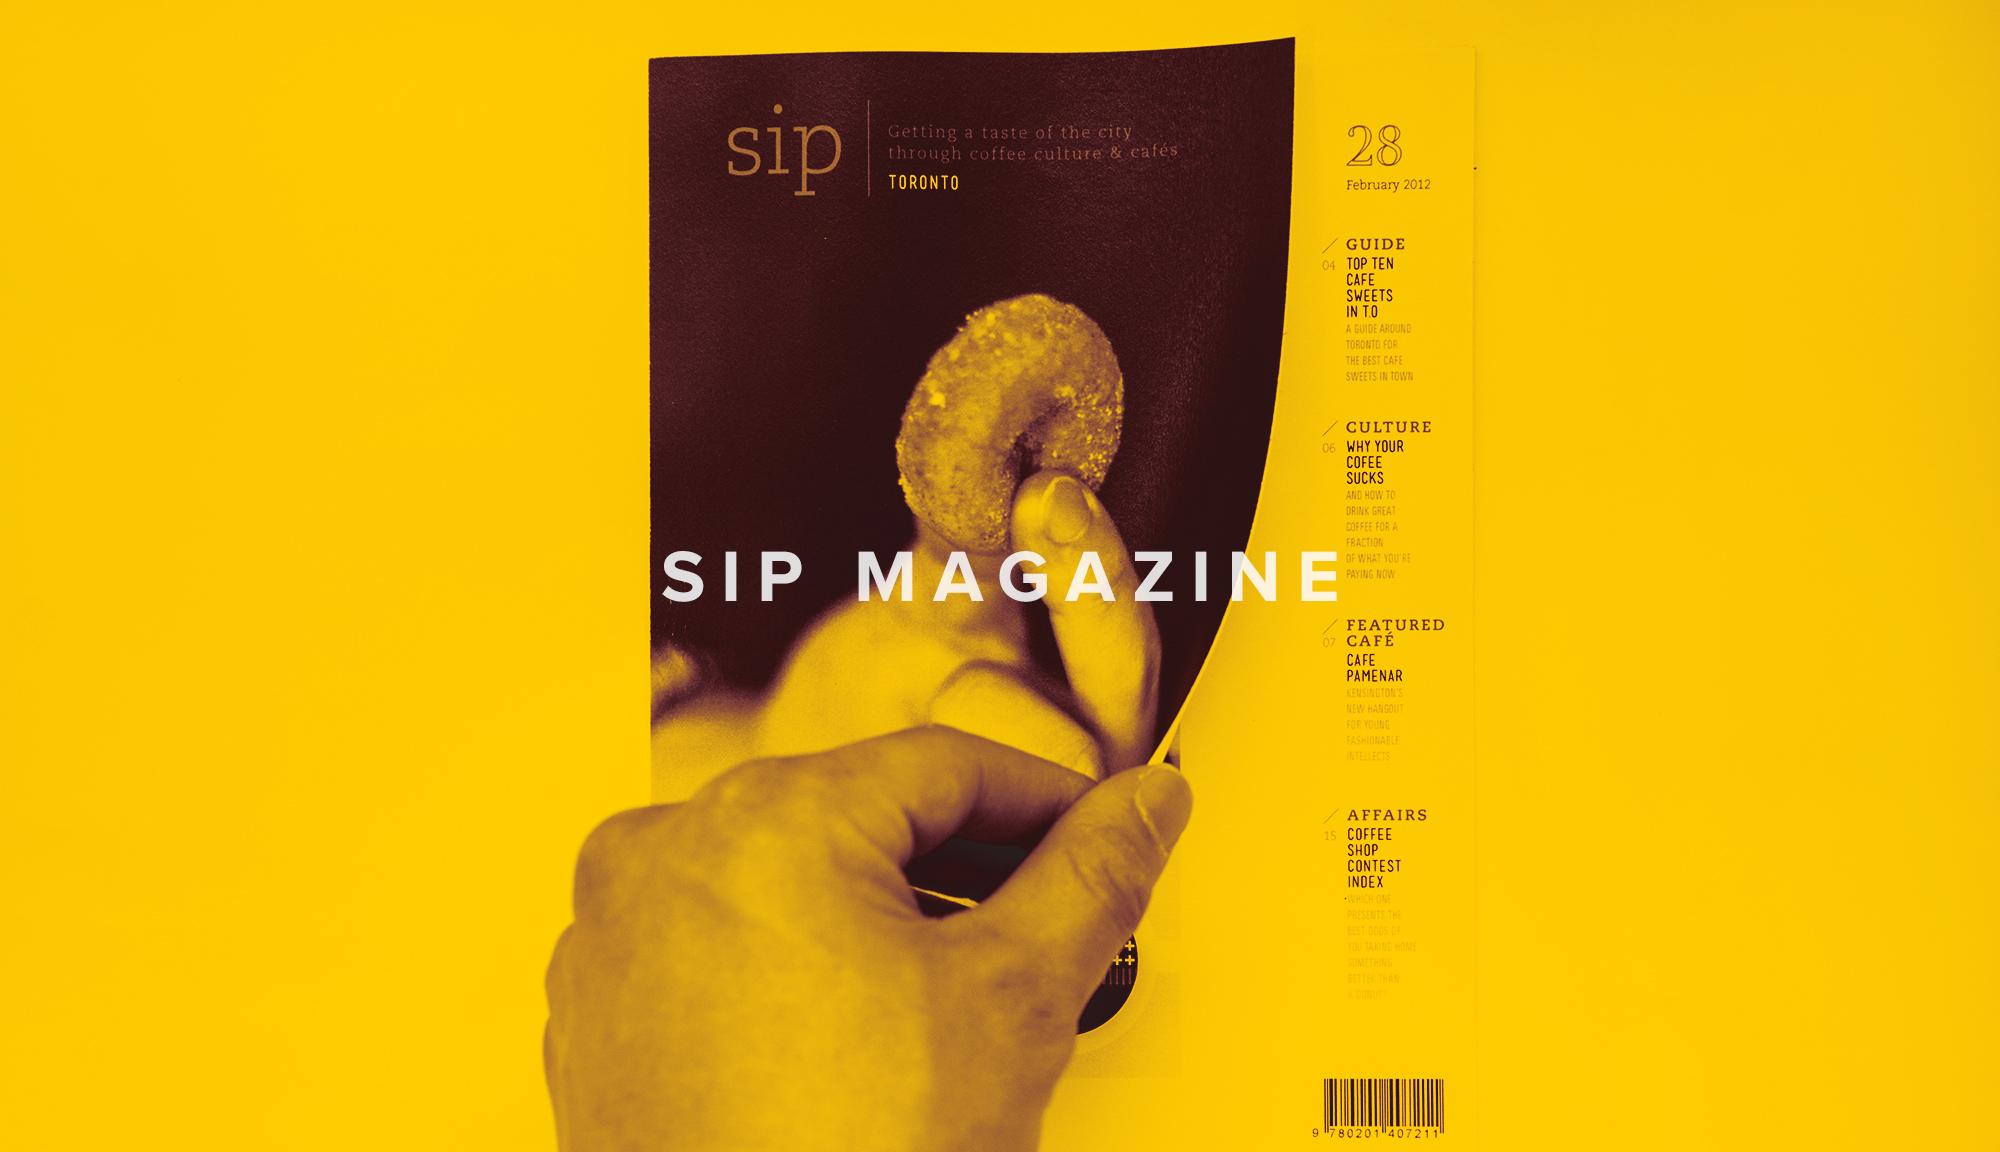 SIP_PageBannerImages.jpg